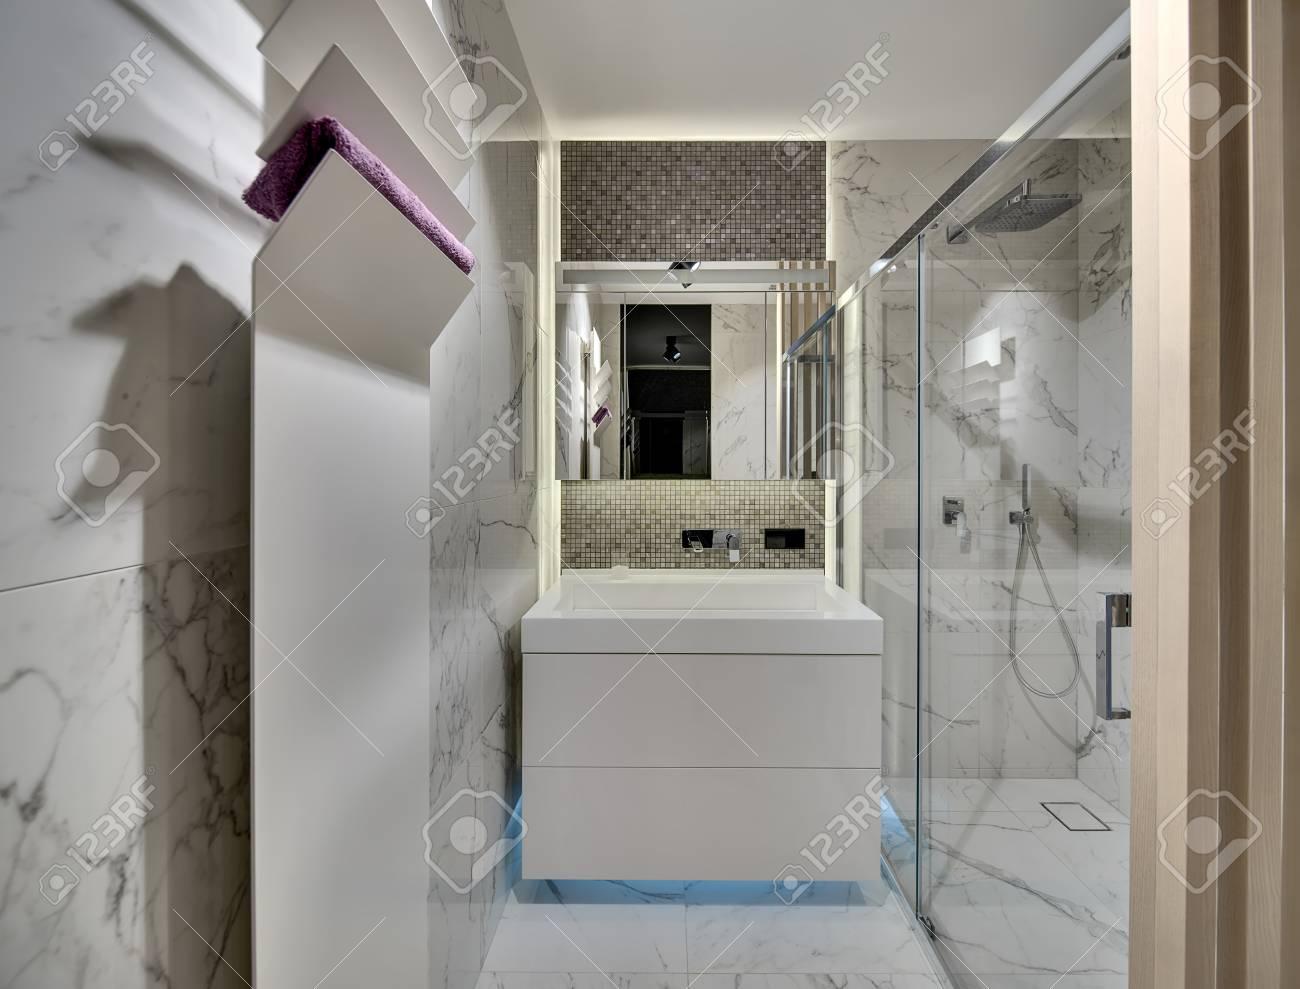 Immagini stock bagno in stile moderno con piastrelle chiare